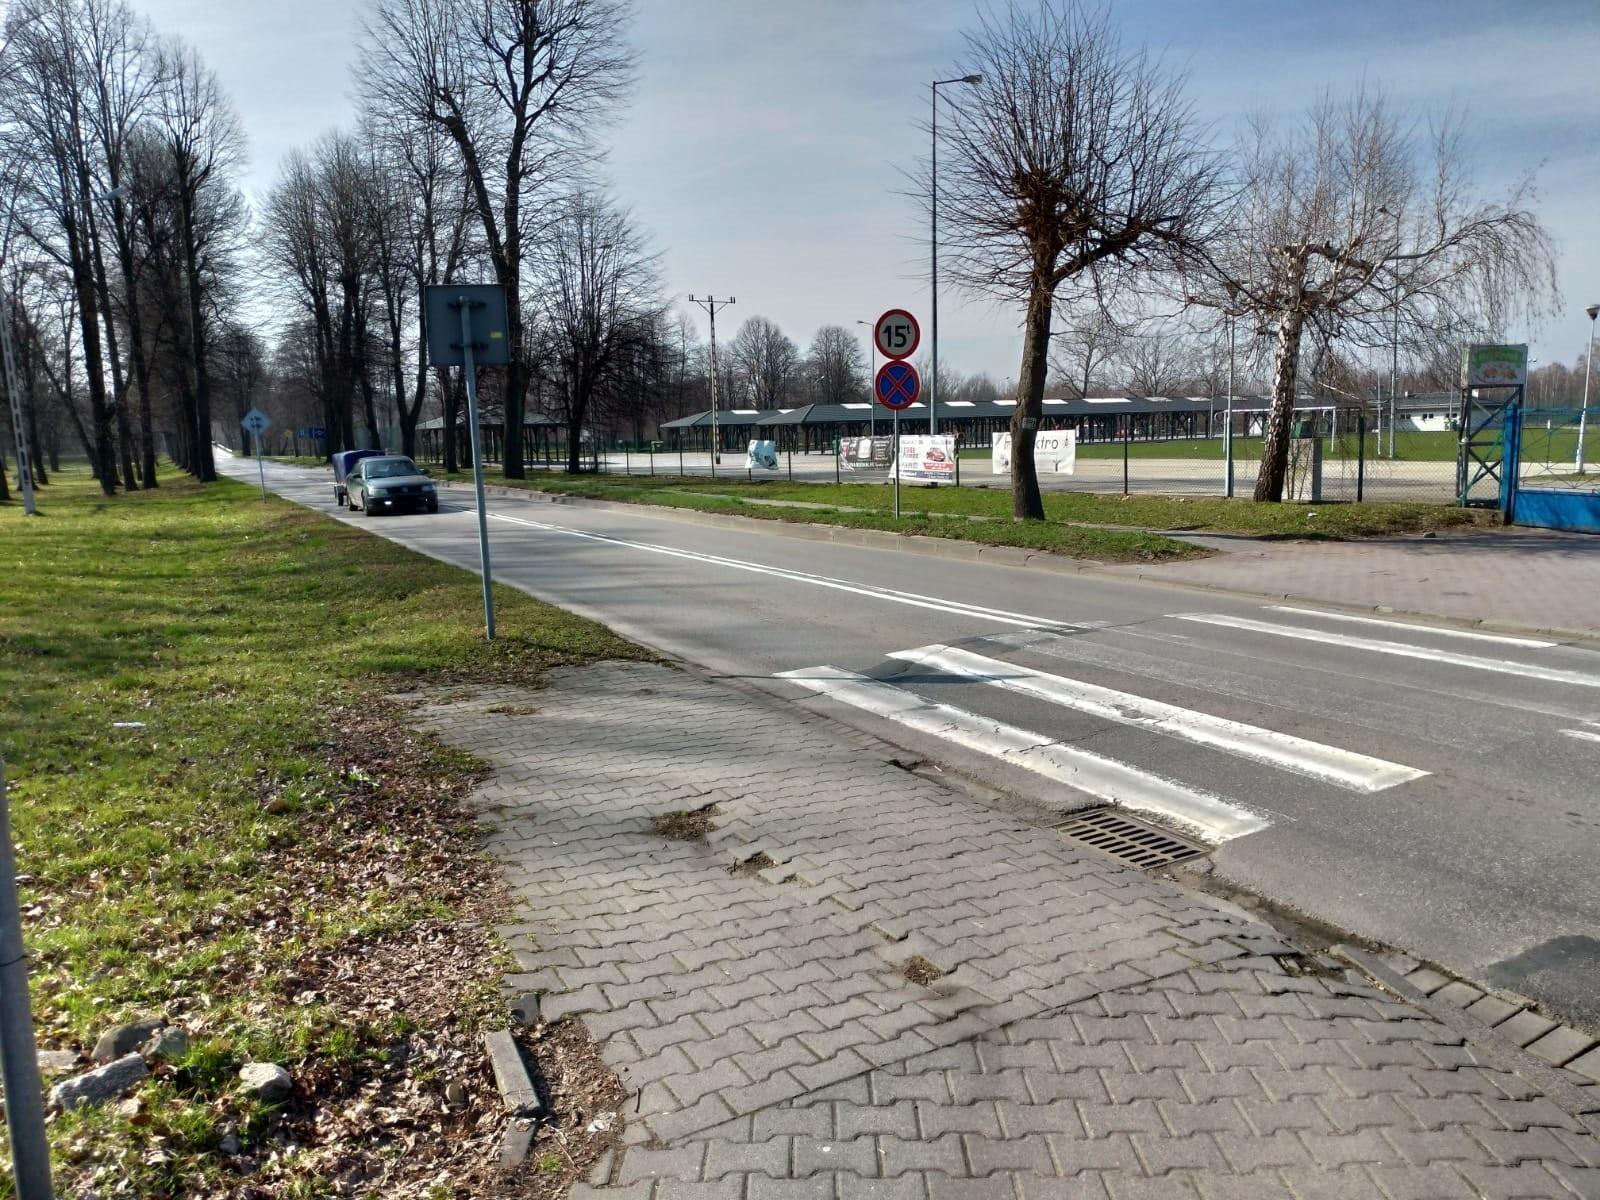 Potrącenie rowerzystki obok stadionu. Policja szuka sprawcy [AKTUALIZACJA]